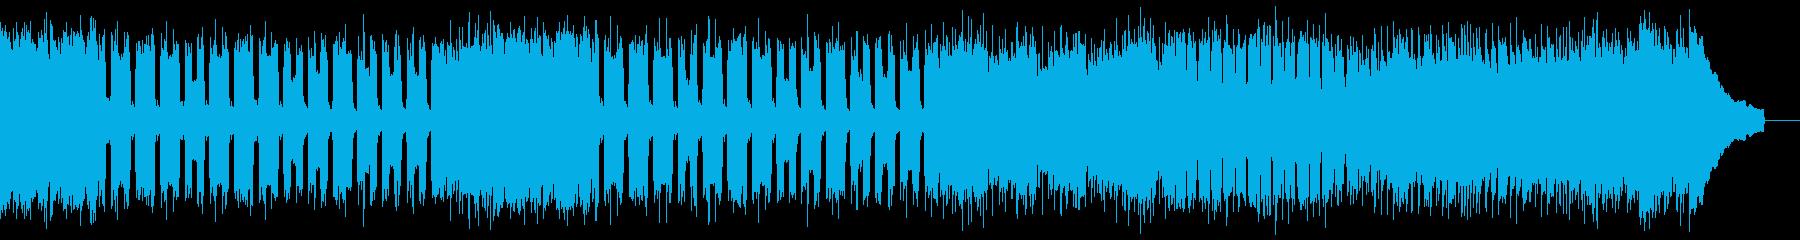 カントリー風ロックギター01Hの再生済みの波形